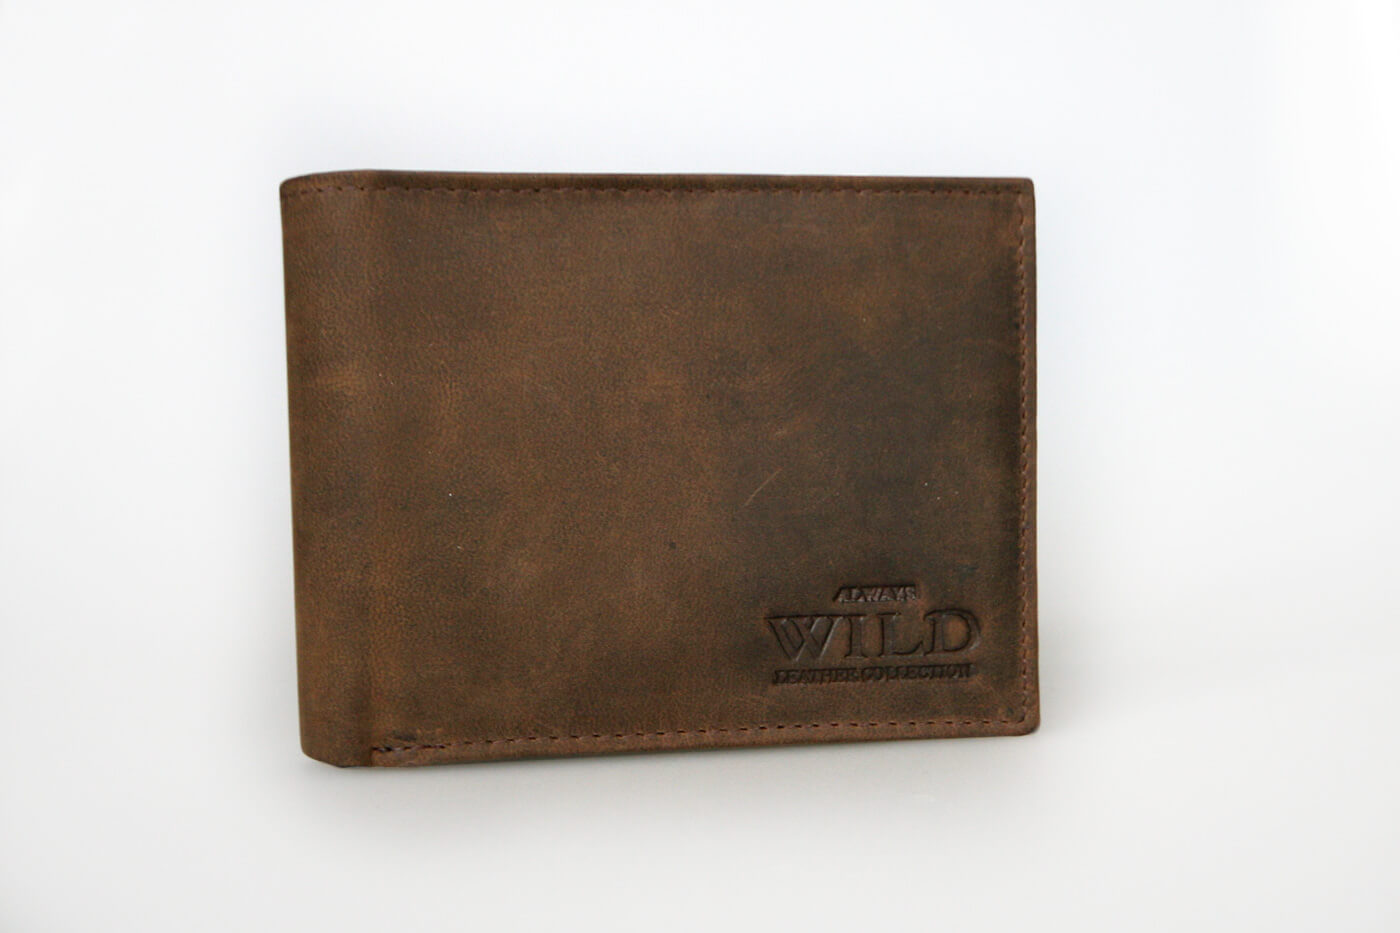 WILD Pánska kožená peňaženka na šírku - hnedá bez zapínania (šírka 12 cm x výška 9,5 cm)